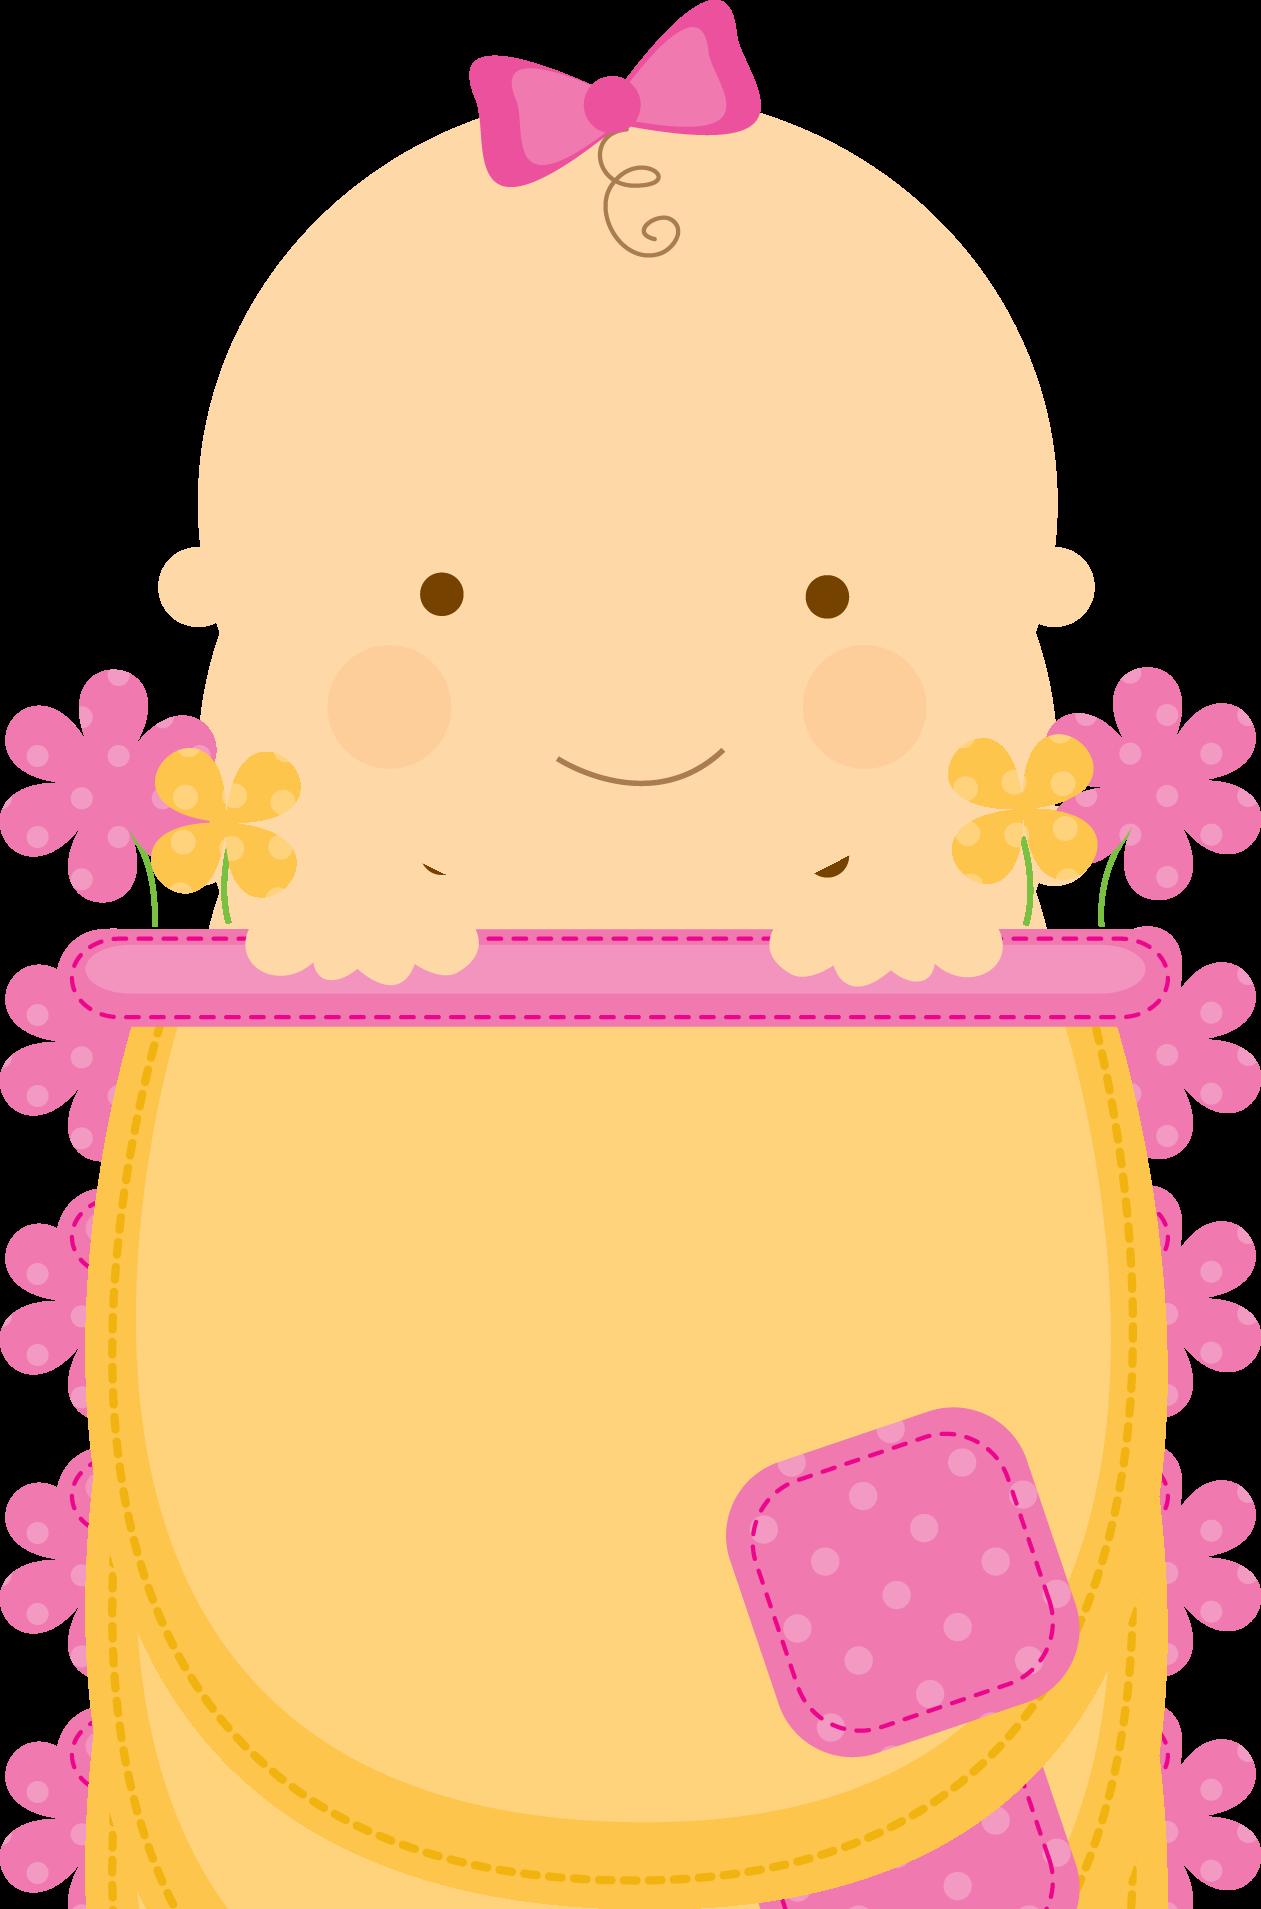 Baby Shower Girl Clipart ~ Flowerpot babies clipart babyinflowerpot pink yellow